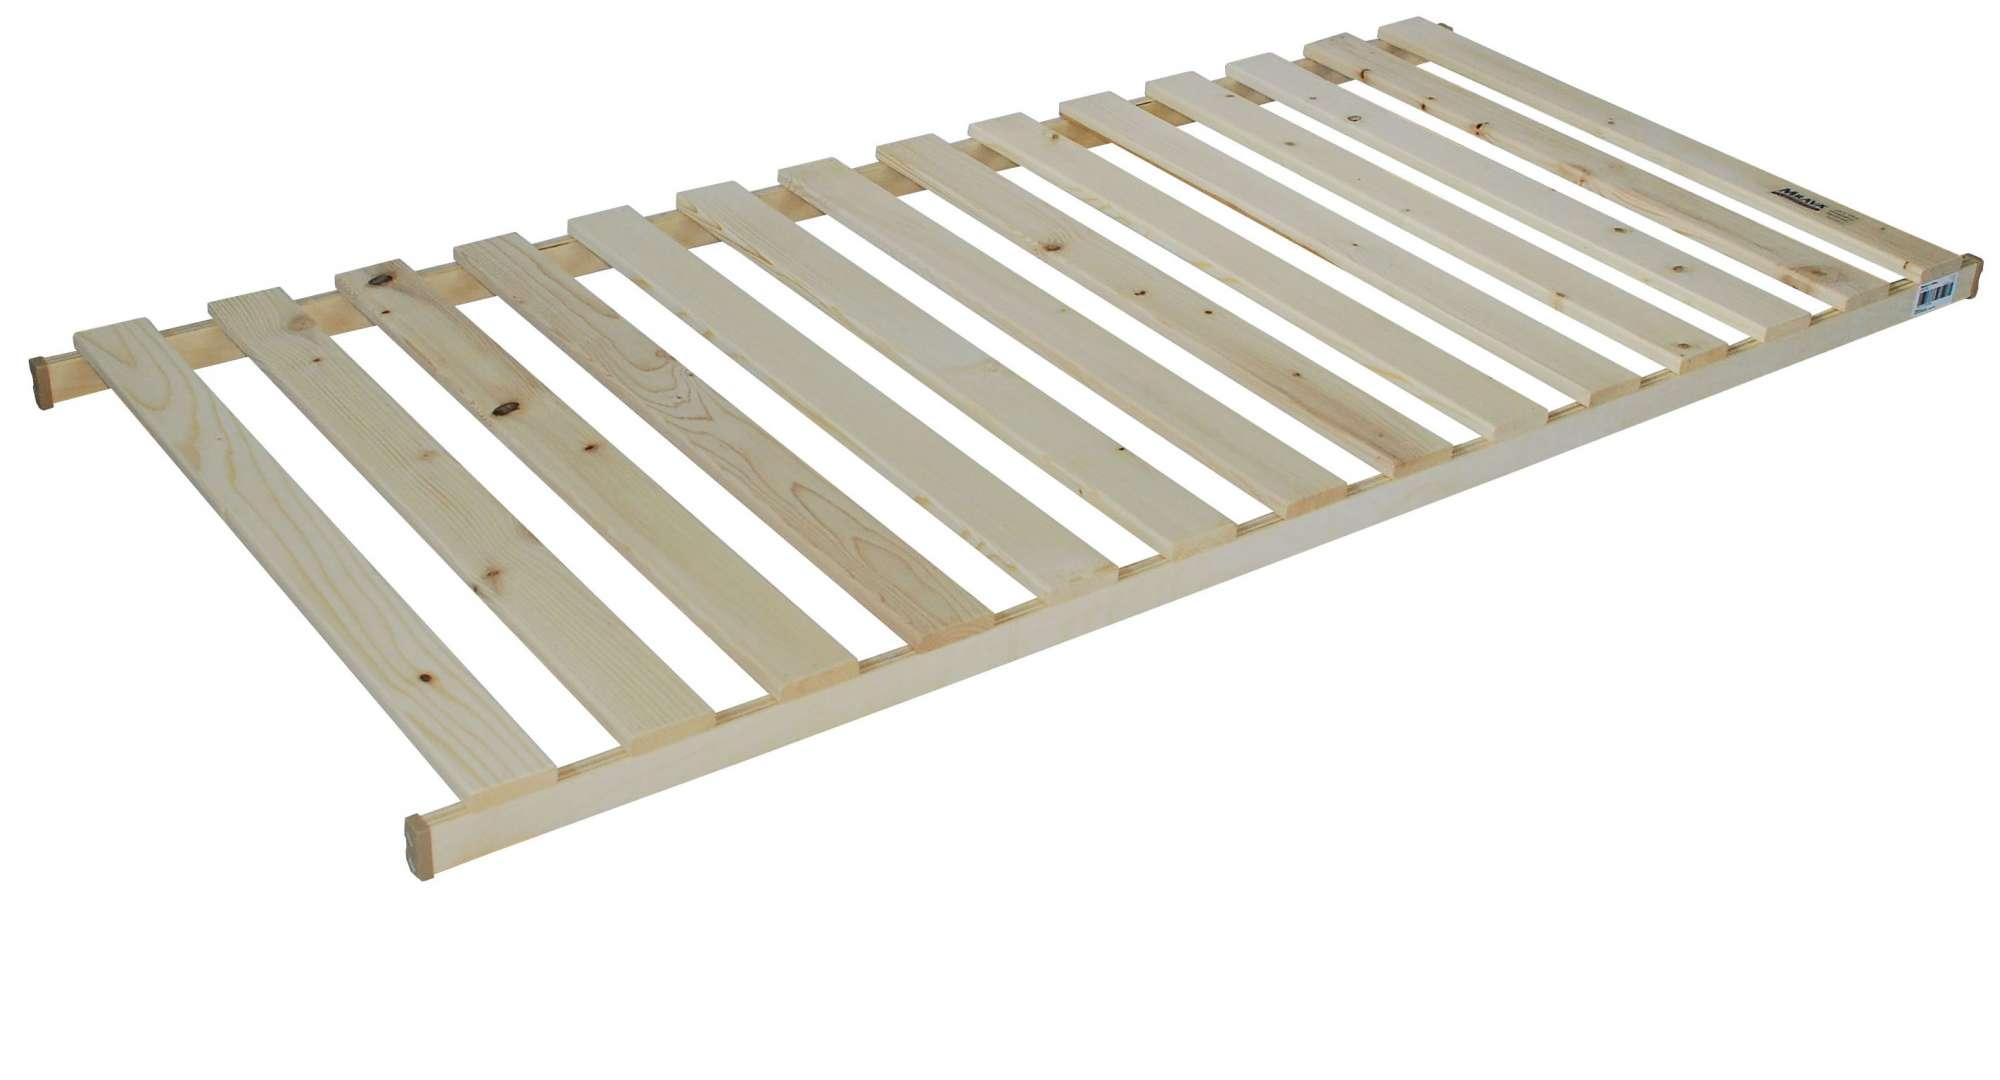 Nepolohovací rošt do postele 140 x 200 cm Masiv v rámu 14 L